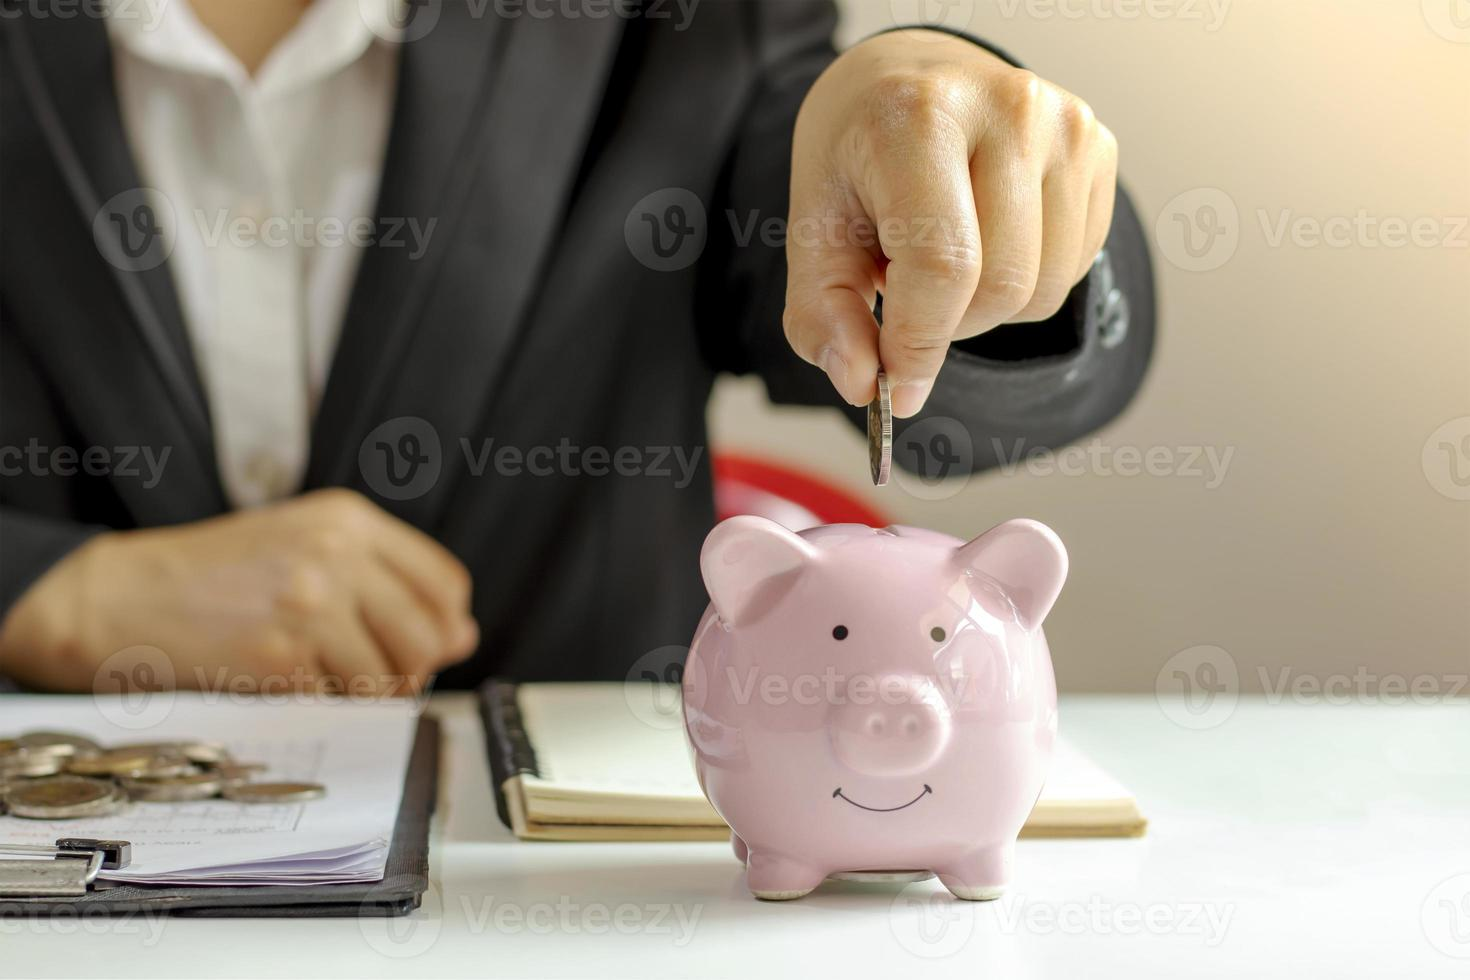 mulheres de negócios que seguram moedas em um cofrinho de perto, inclusive pressionando uma calculadora para obter ideias para economizar. foto